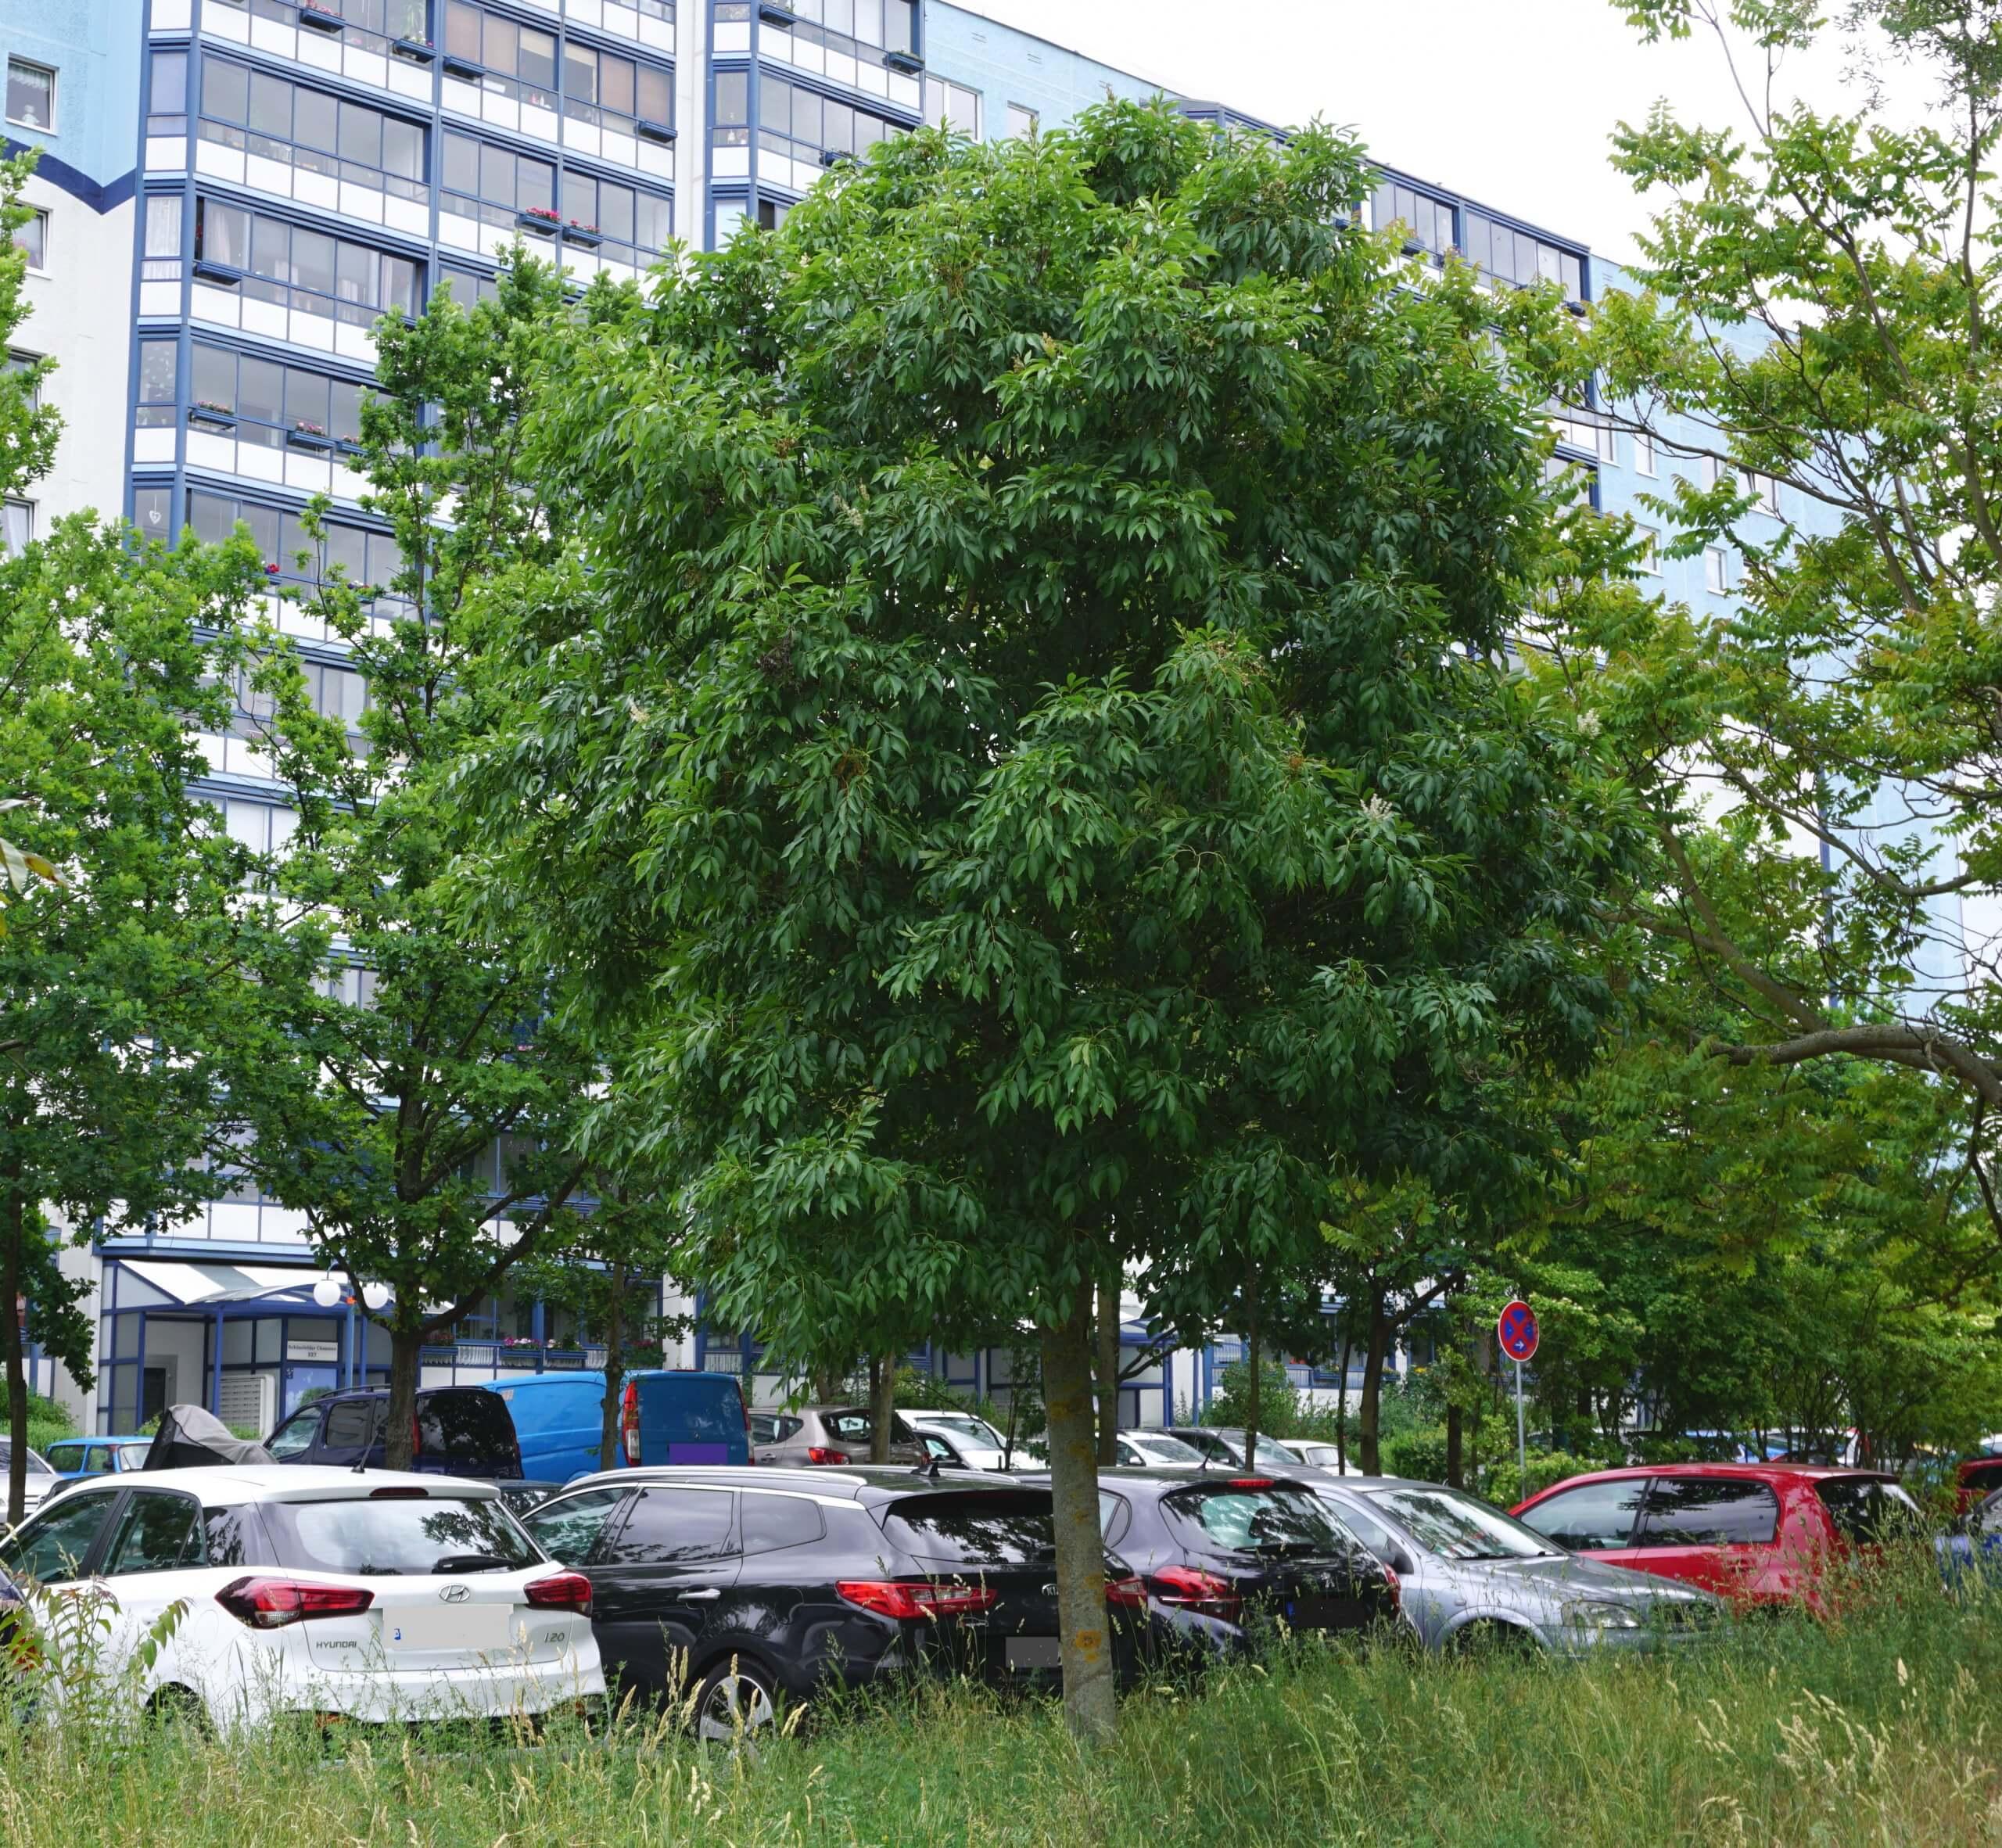 Das Bild zeigt ein Exemplar einer Blumen-Esche im Grünstreifen an der Schönefelder Chaussee im Kosmosviertel. Es zeigt eine kugelige, gut gewachsene Krone. Die Aufnahme entstand im Juni 2021.